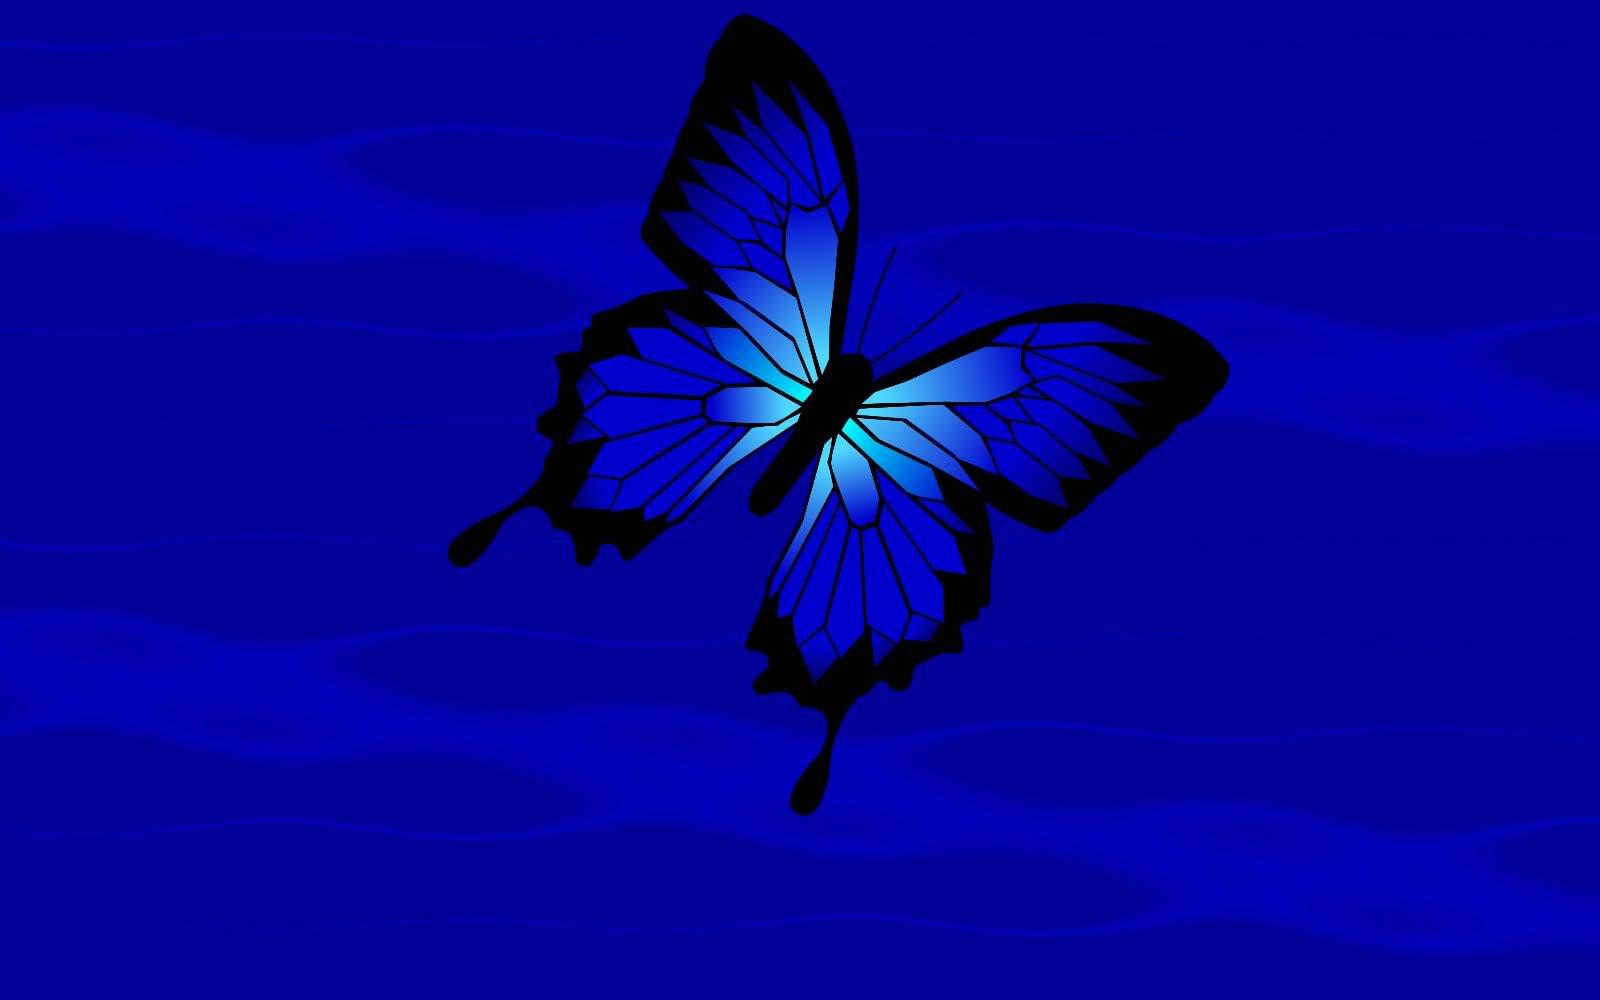 http://3.bp.blogspot.com/_6Ww5NekKT-Y/TNDvDW83KpI/AAAAAAAAA9Q/nAjIcqwDHWM/s1600/BlueButterflyBackground.jpg